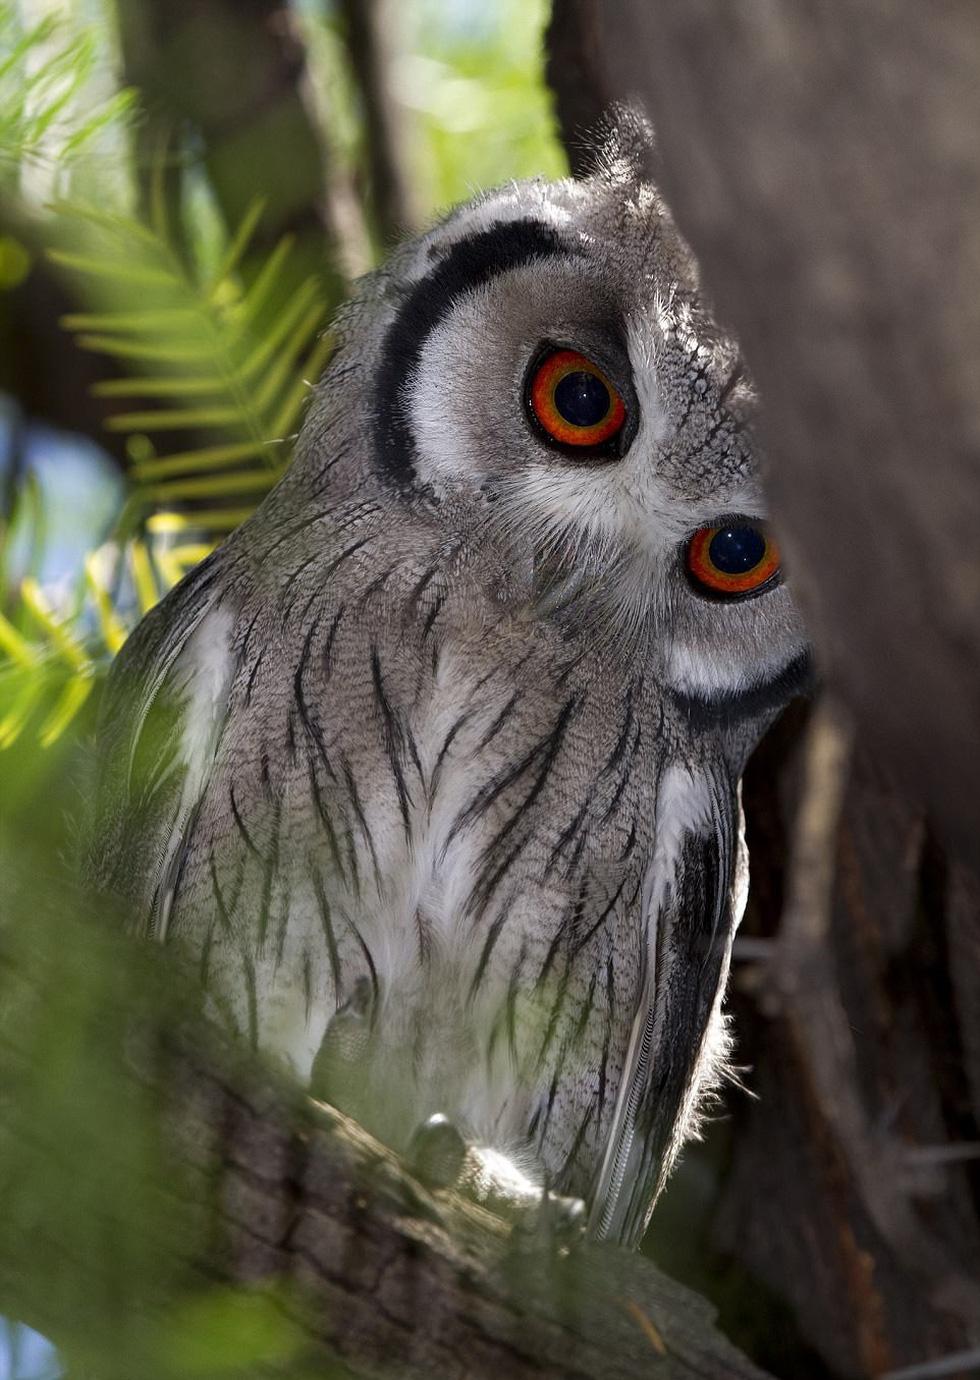 Những bức ảnh động vật hoang dã ấn tượng - Ảnh 11.